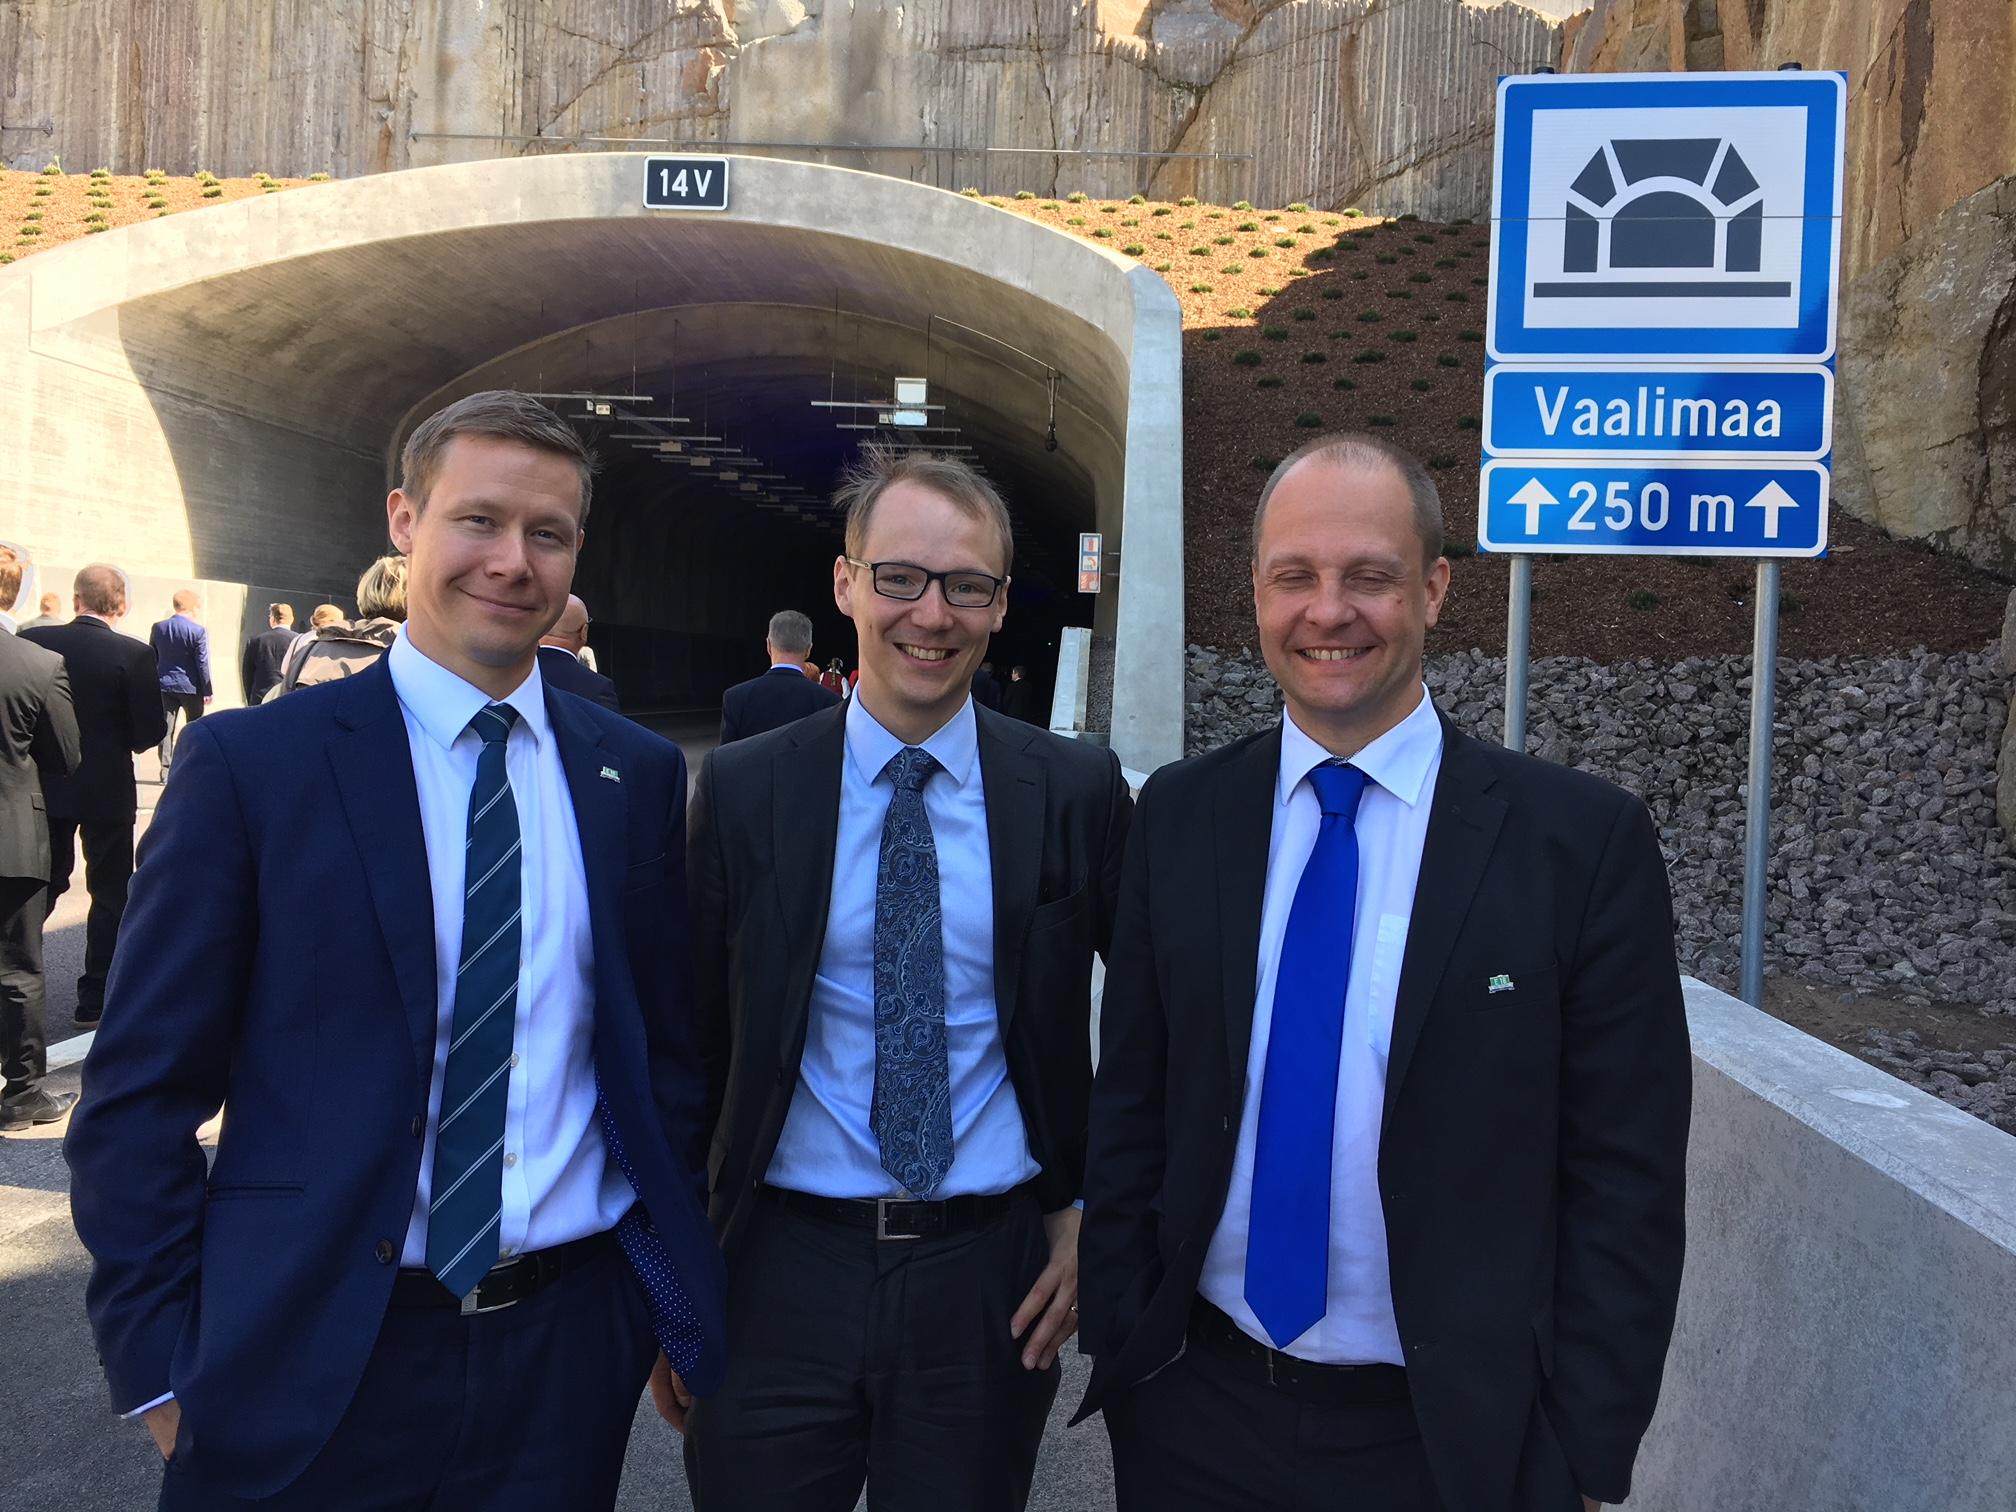 CAPEX Advisorsin tiimi Vaalimaan tunnelin edustalla